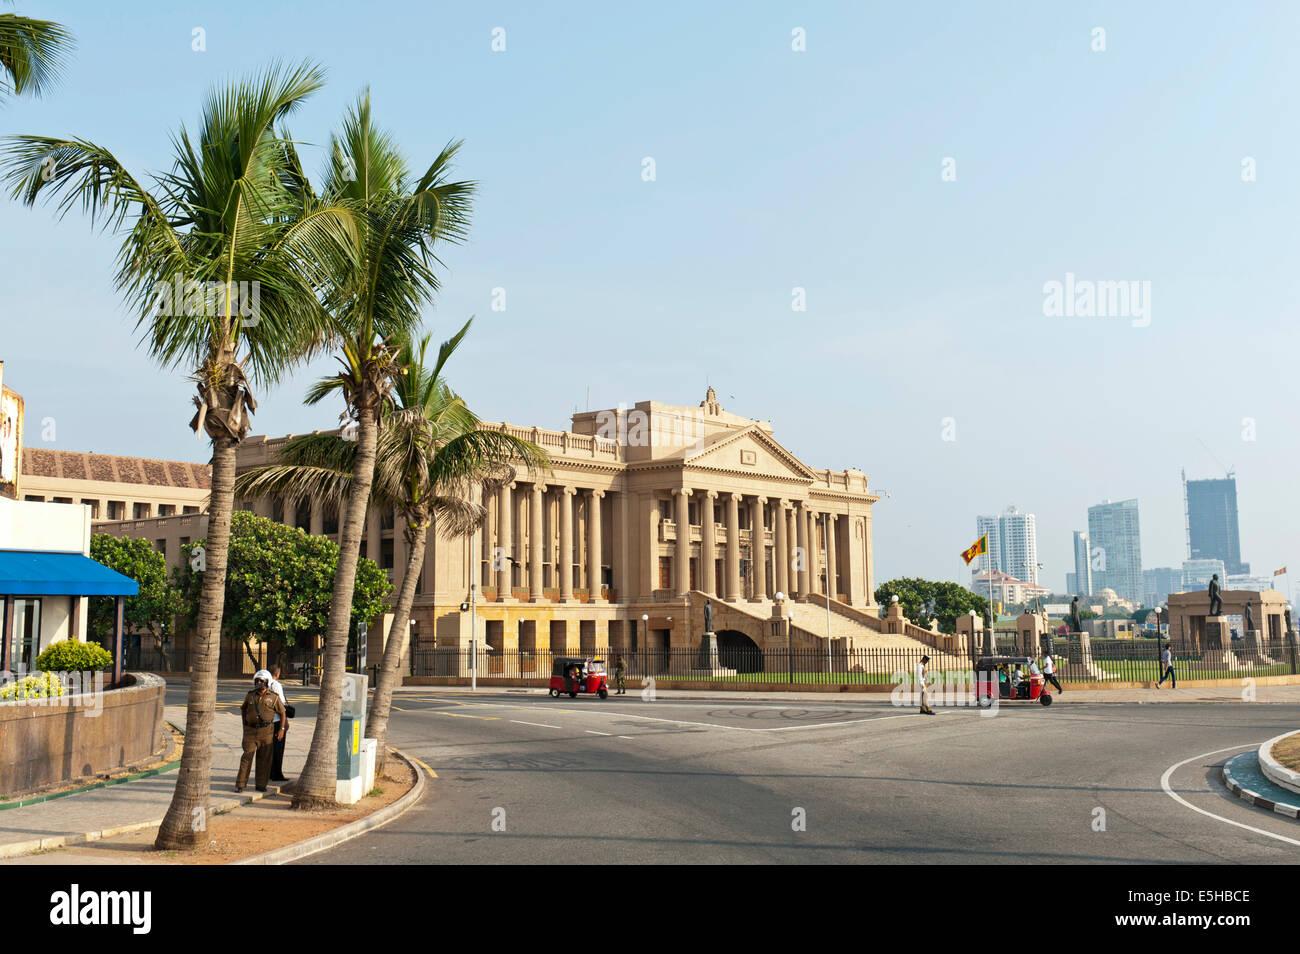 Il vecchio parlamento, architettura neoclassica sotto le palme, Colombo, Sri Lanka Immagini Stock